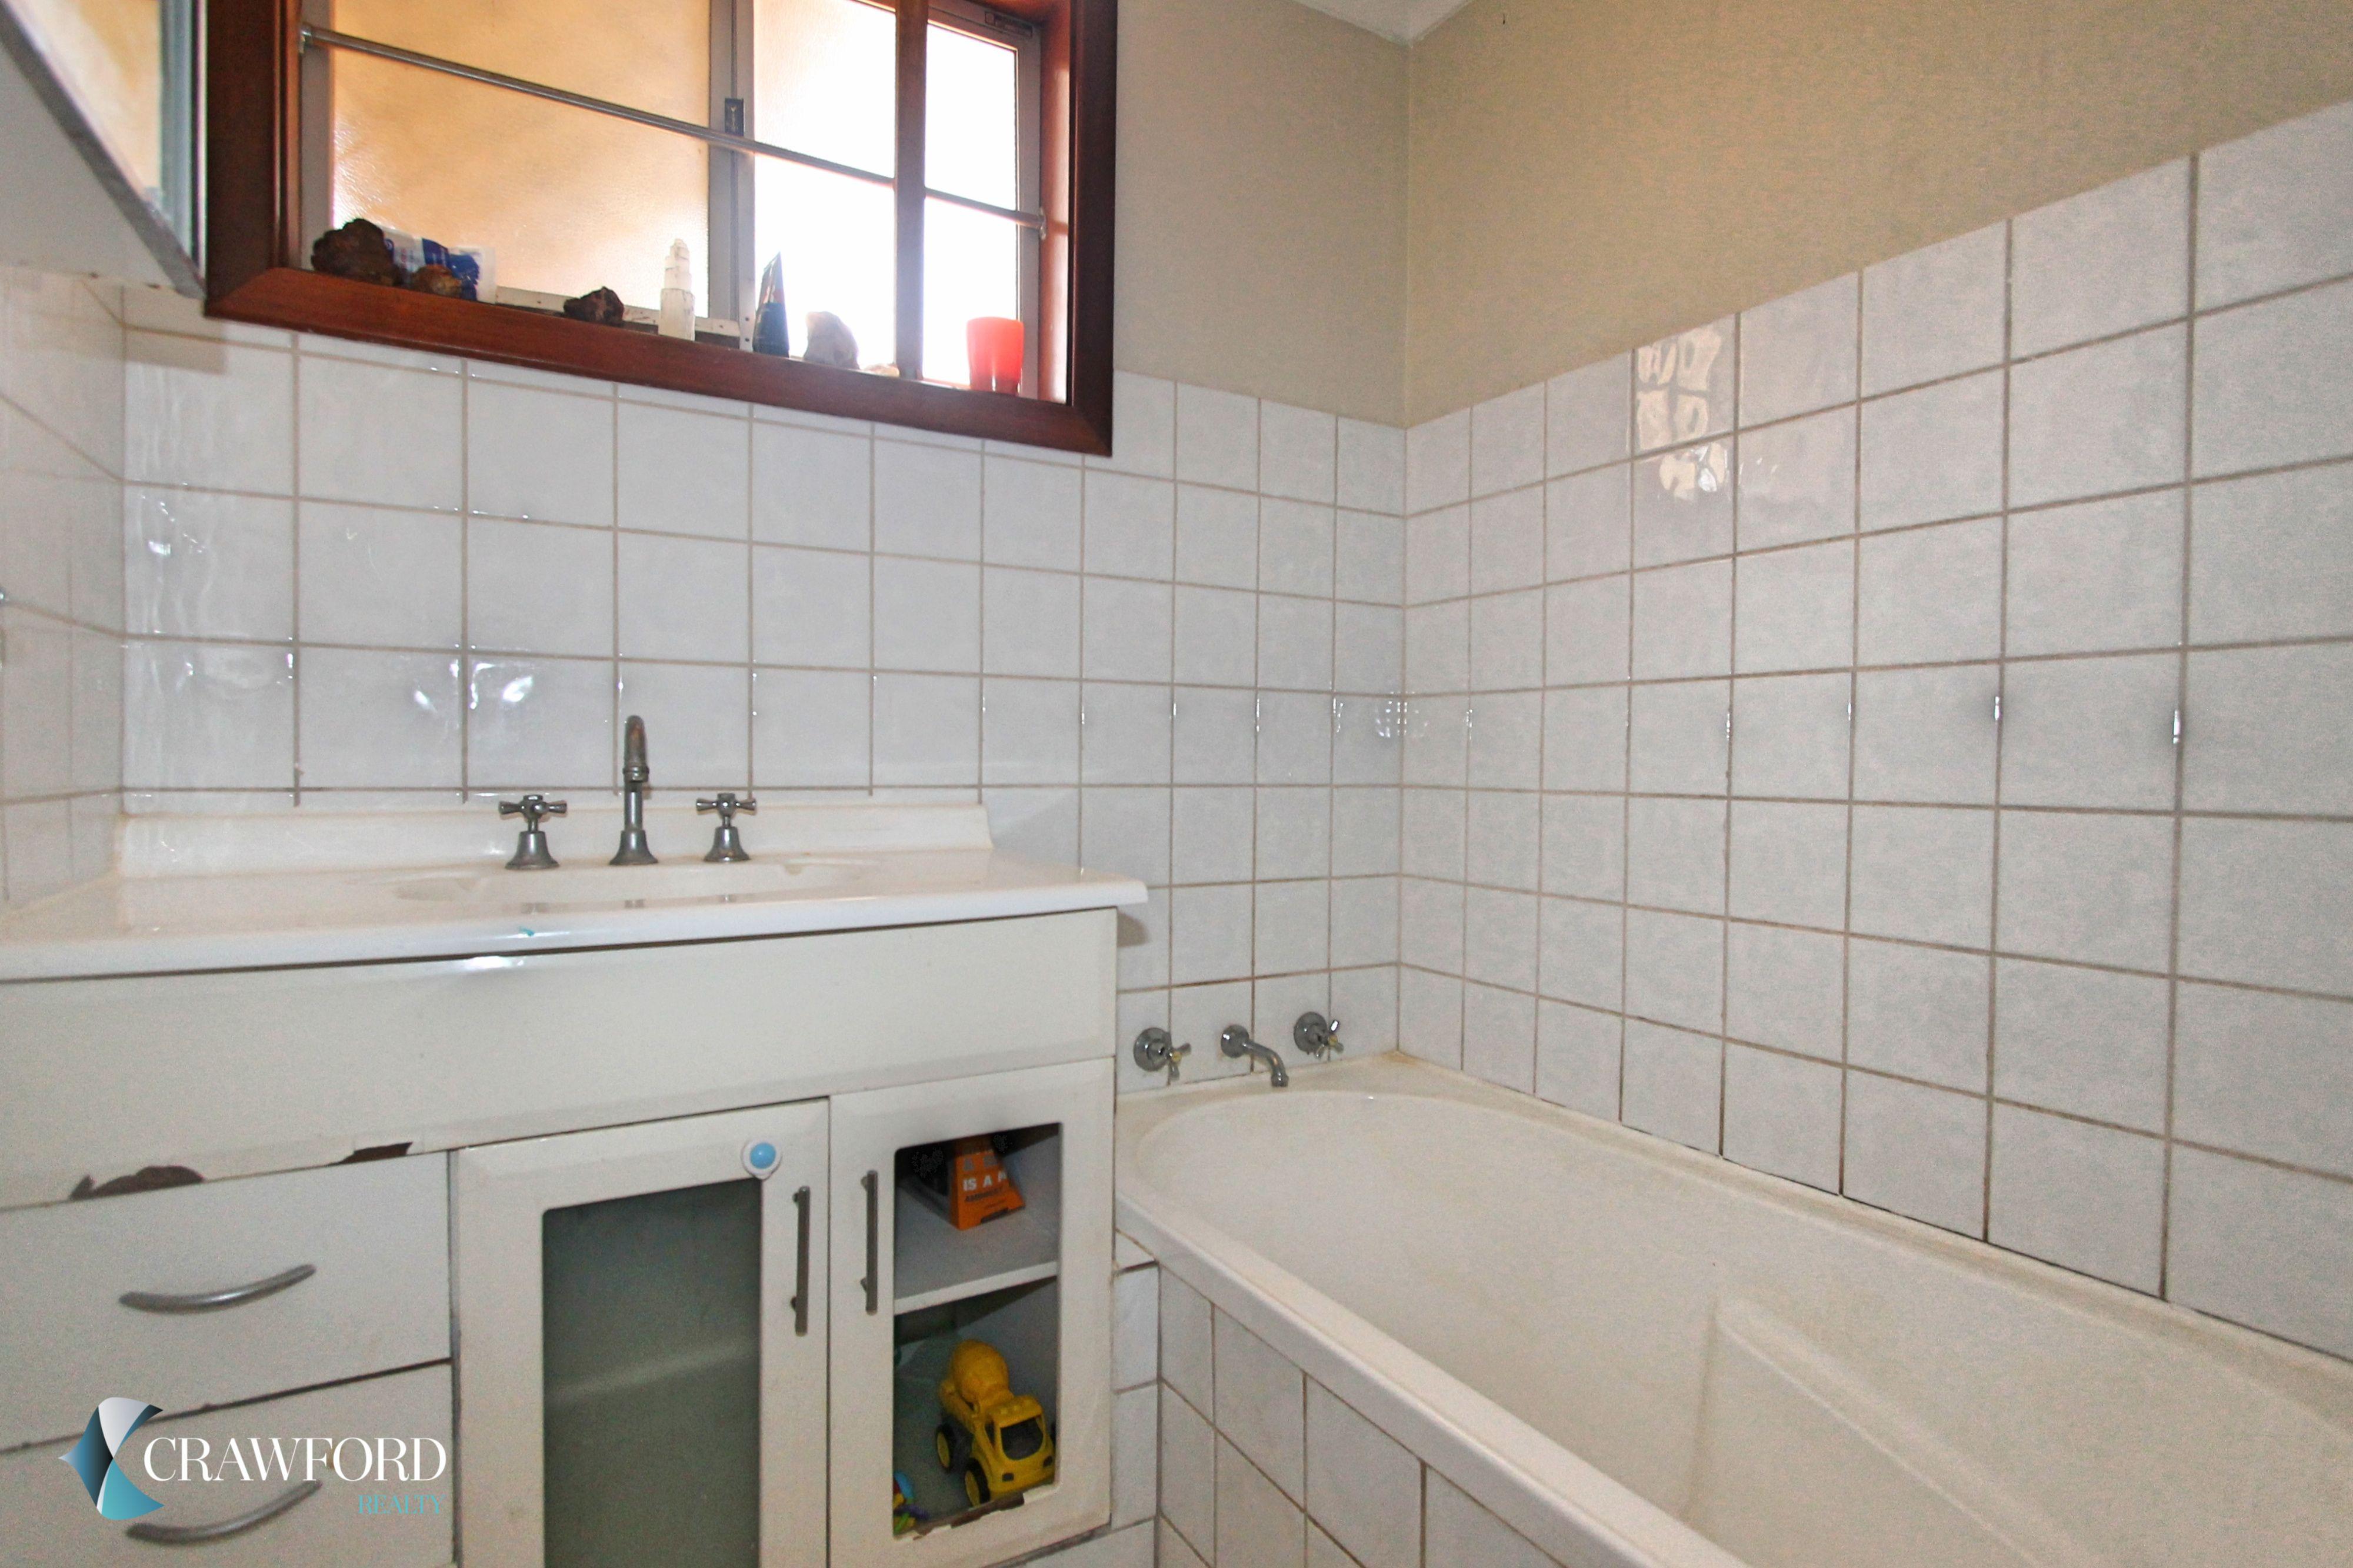 Bathroom-1-_3104750811_20190211060552_original